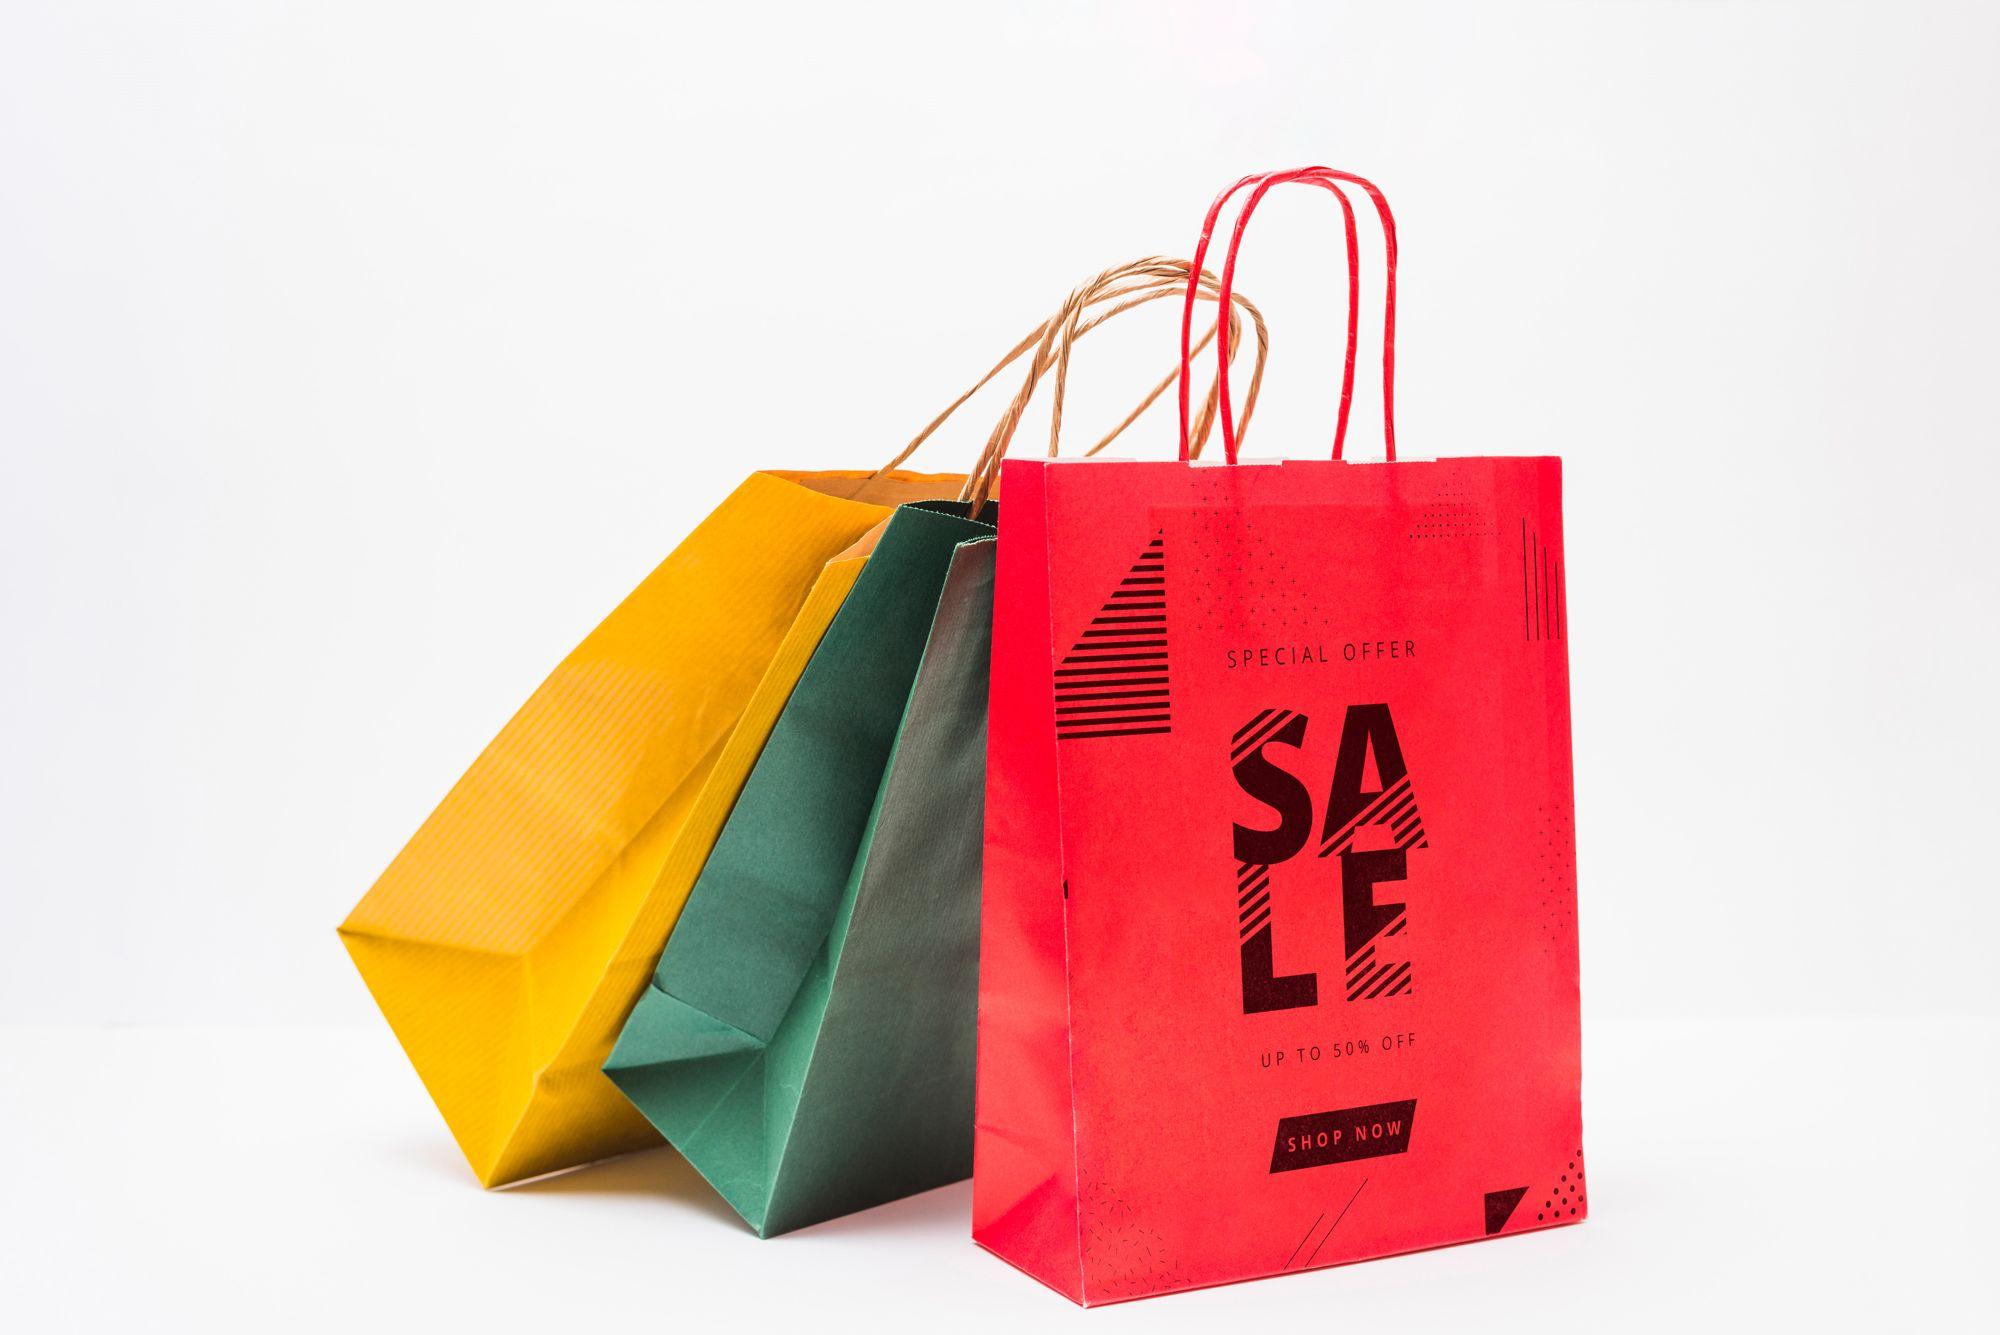 Color marketing come acquistiamo